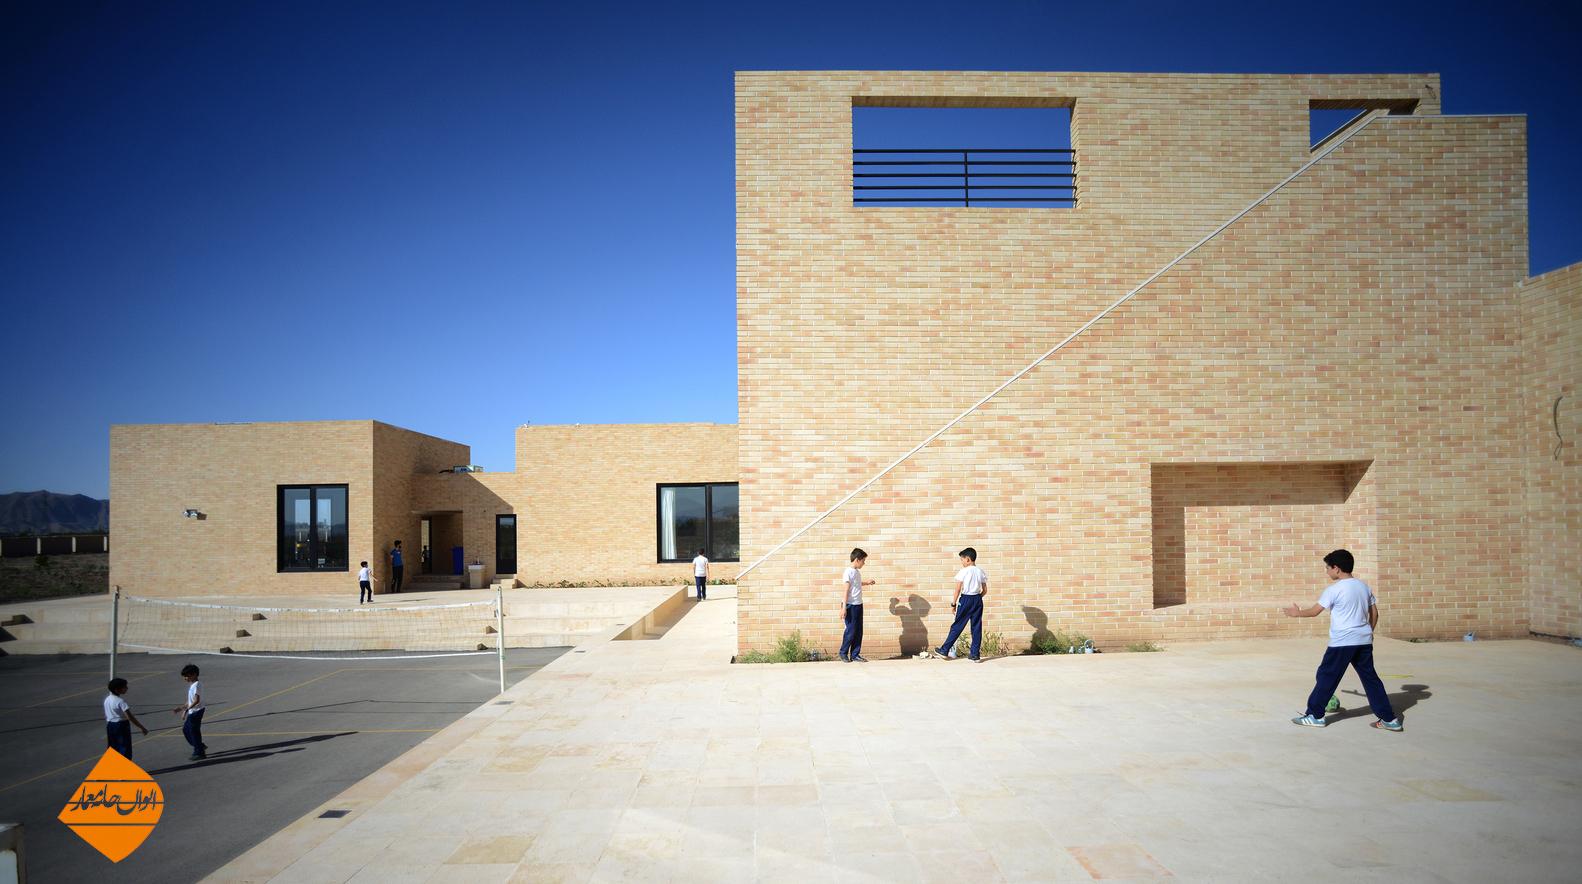 طراحی مدرسه ای با رویکرد معماری باز و به کارگیری حیاط مرکزی  و سنتی ایرانی در سمنان